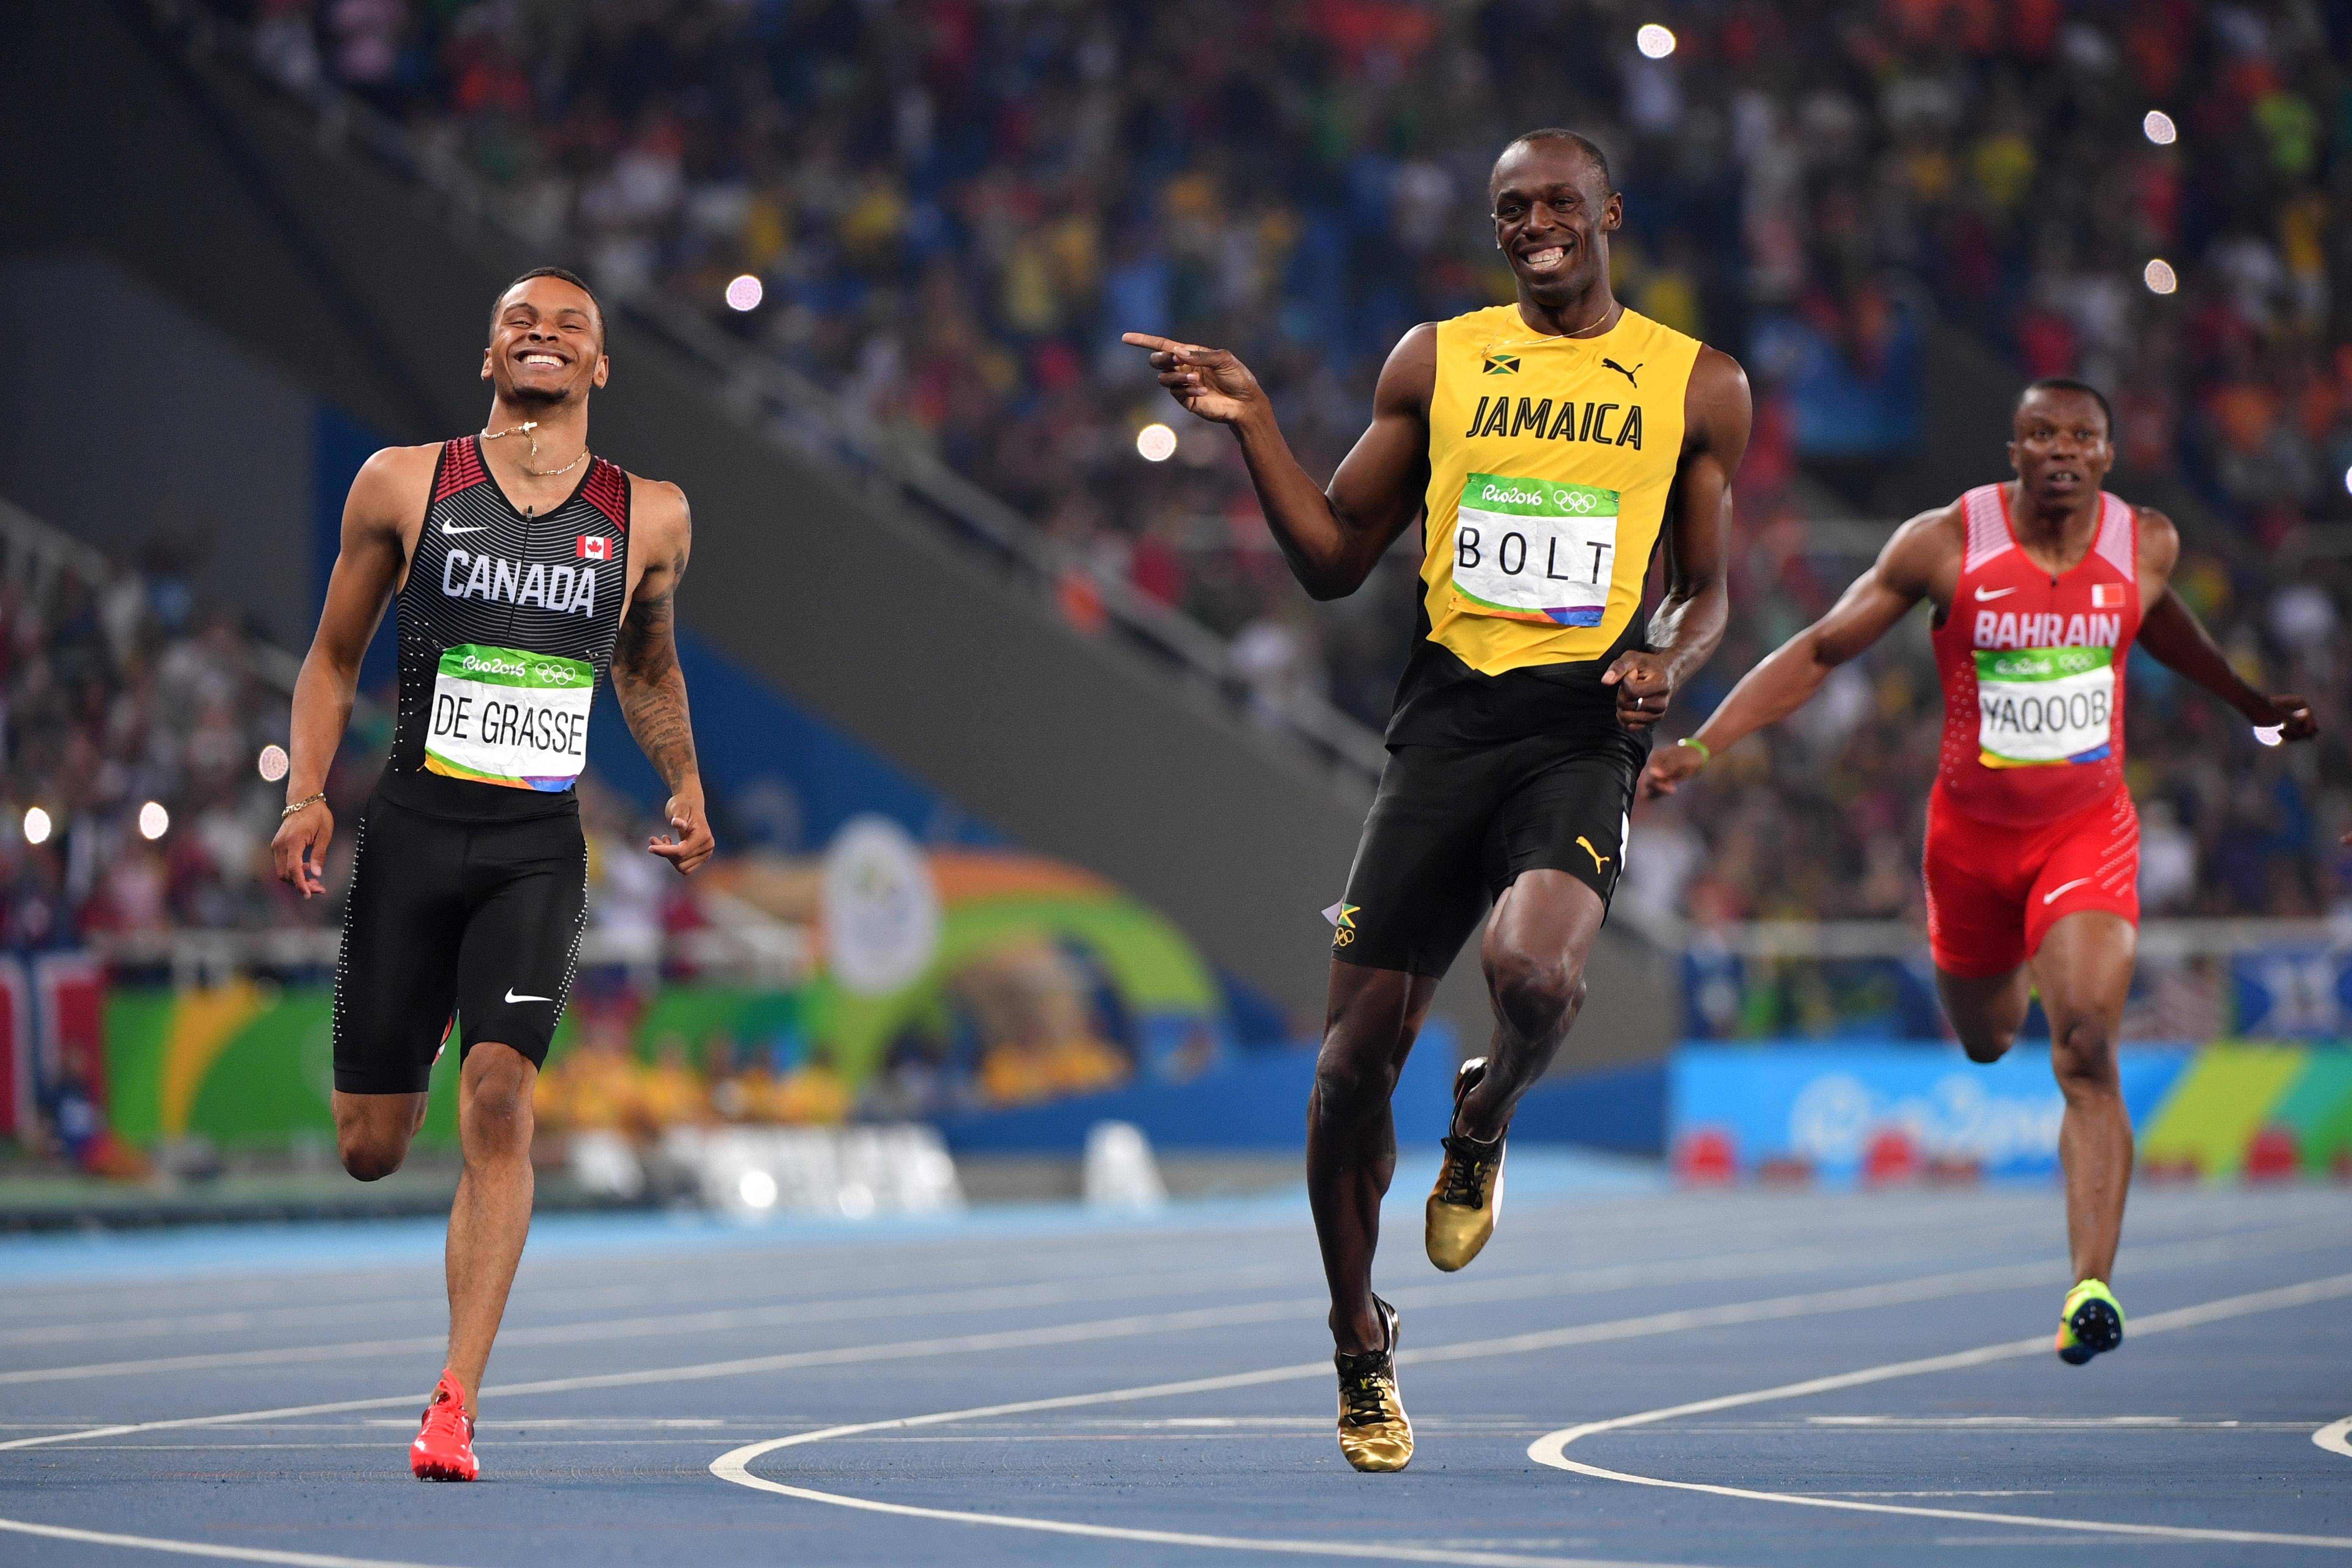 Elvették Usain Bolt egyik olimpiai aranyát